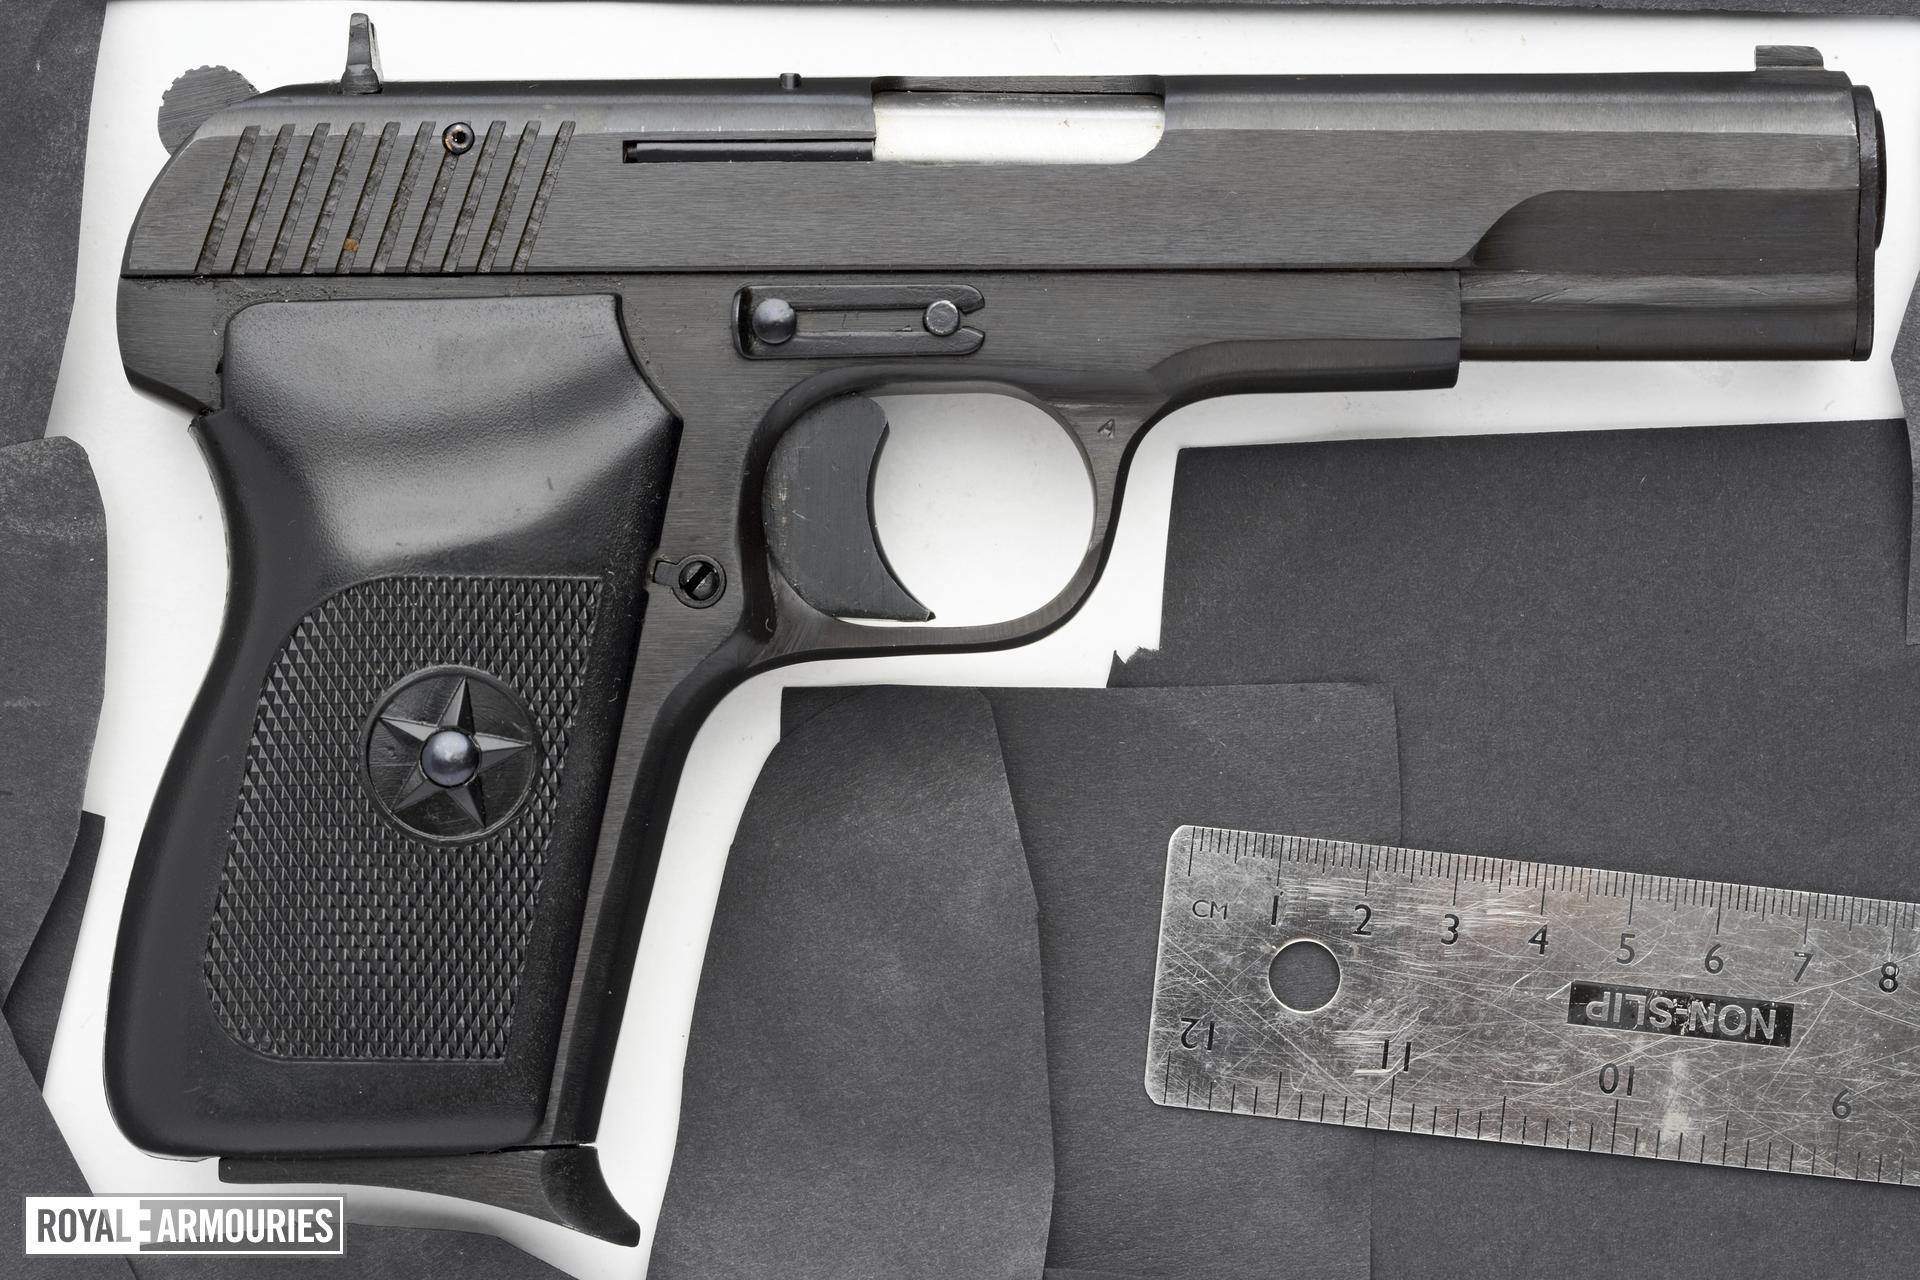 Centrefire self-loading pistol - Norinco Model 213 Tokarev